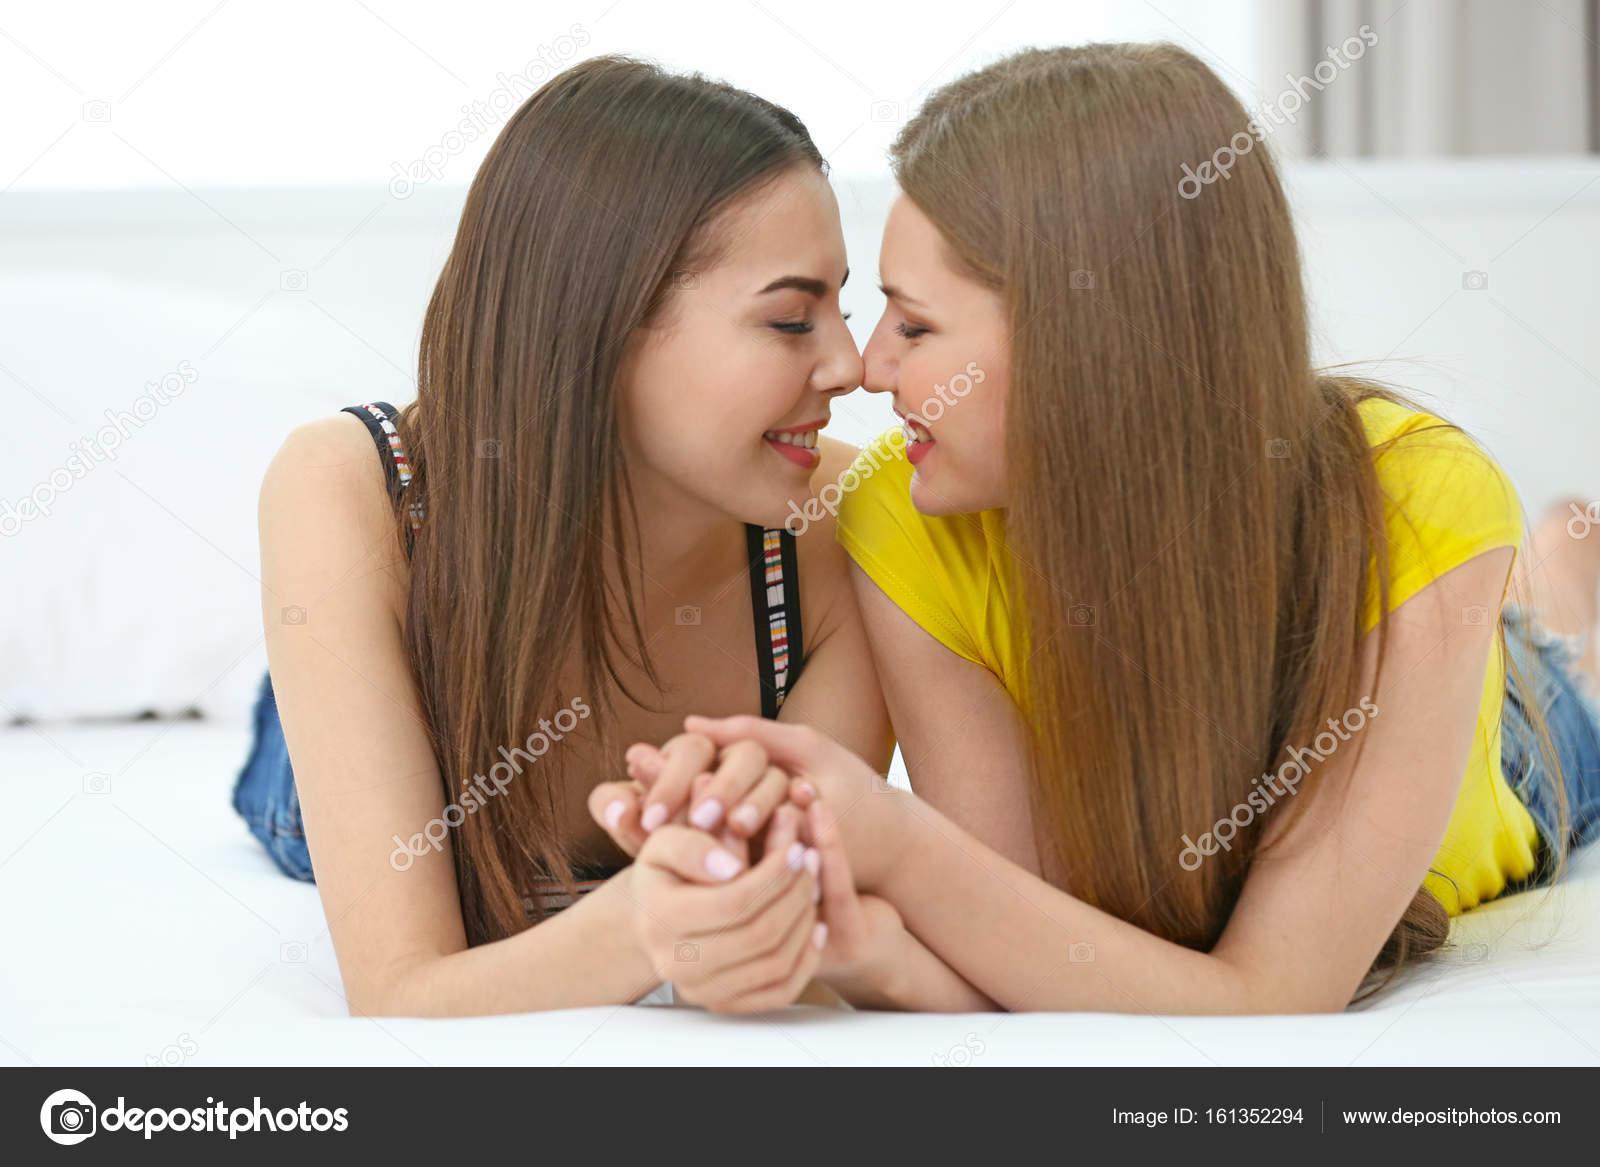 lesbische likken picSex vuideo